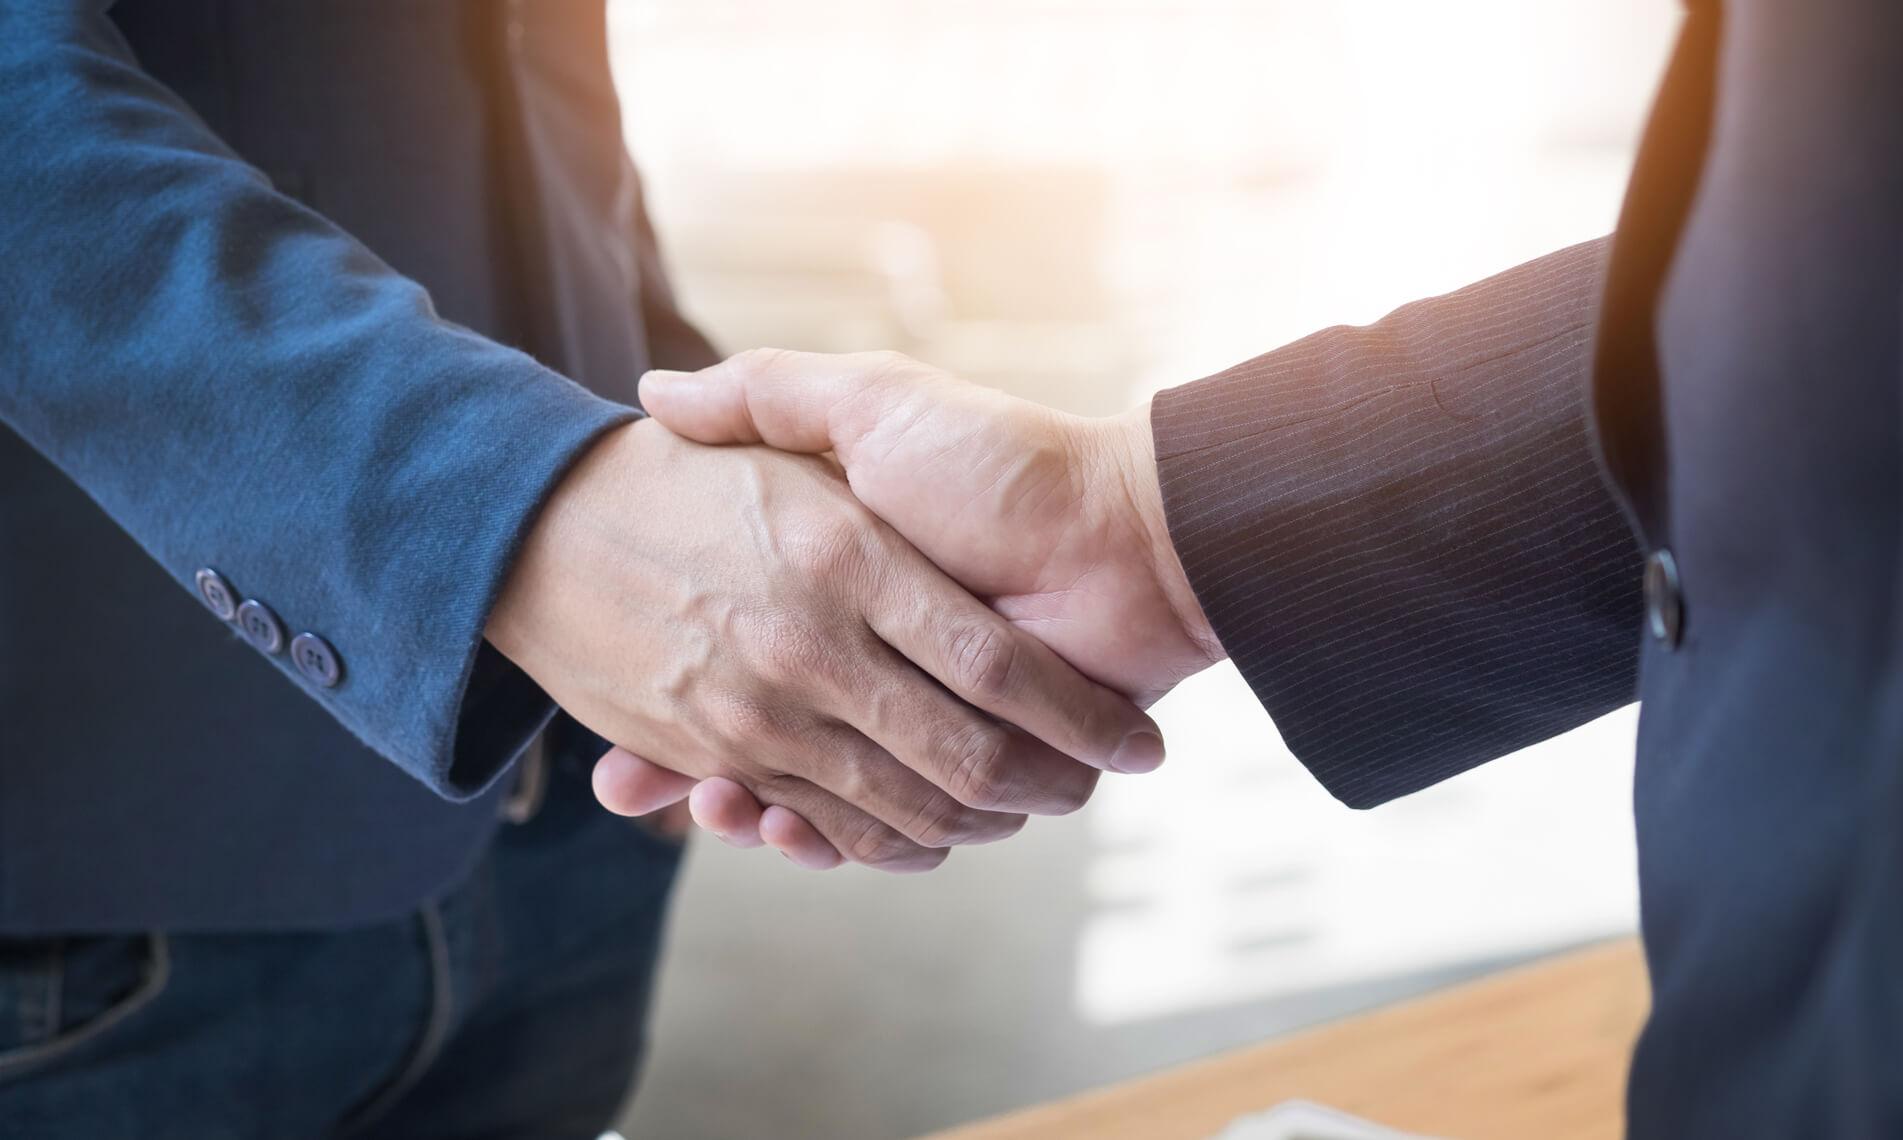 Satışta Empatinin Önemi